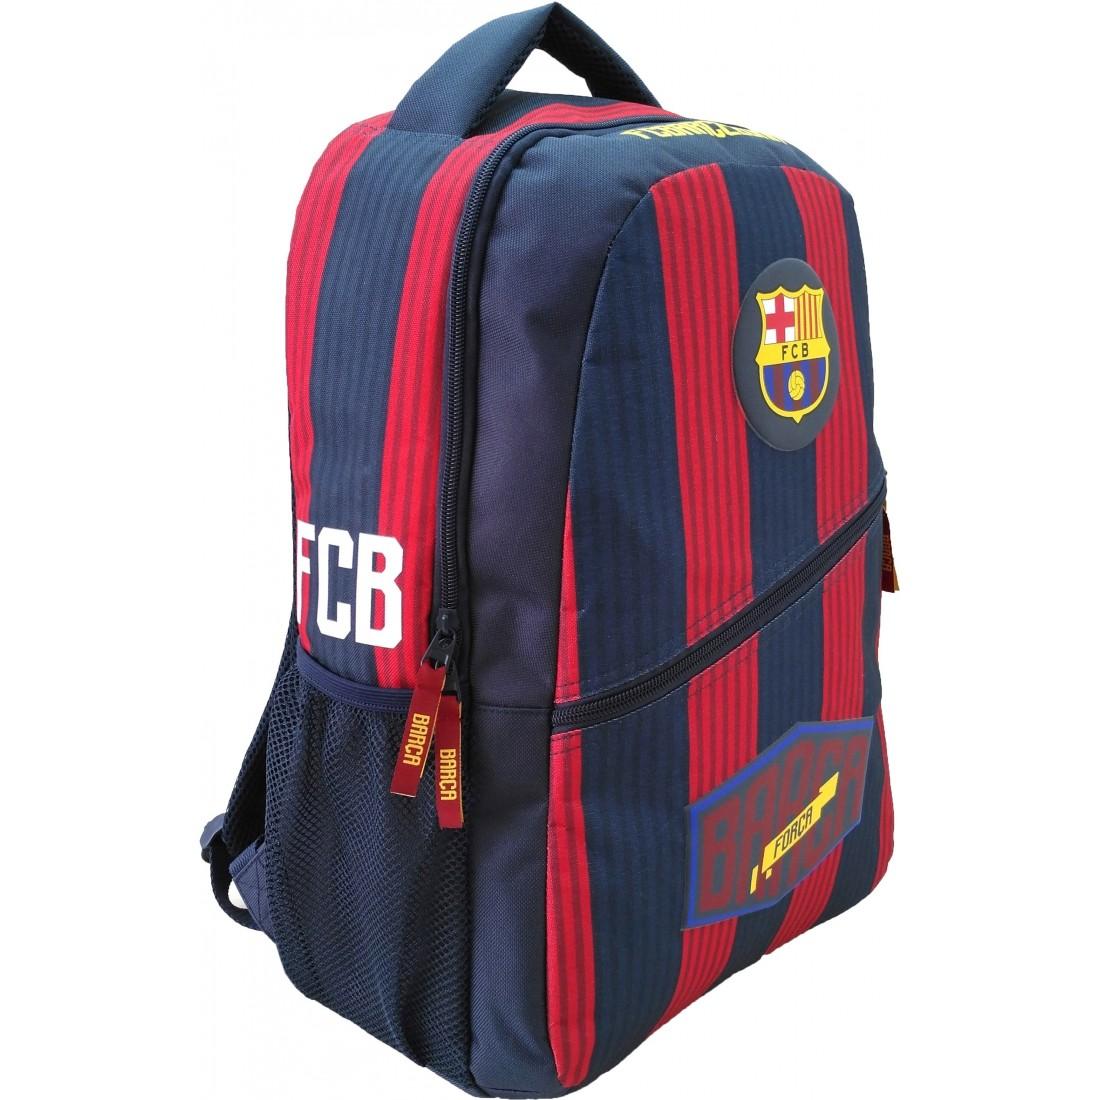 63f1f9a489890 Plecak FC Barcelona miejski 1 komora czerwono granatowy BARCA ...